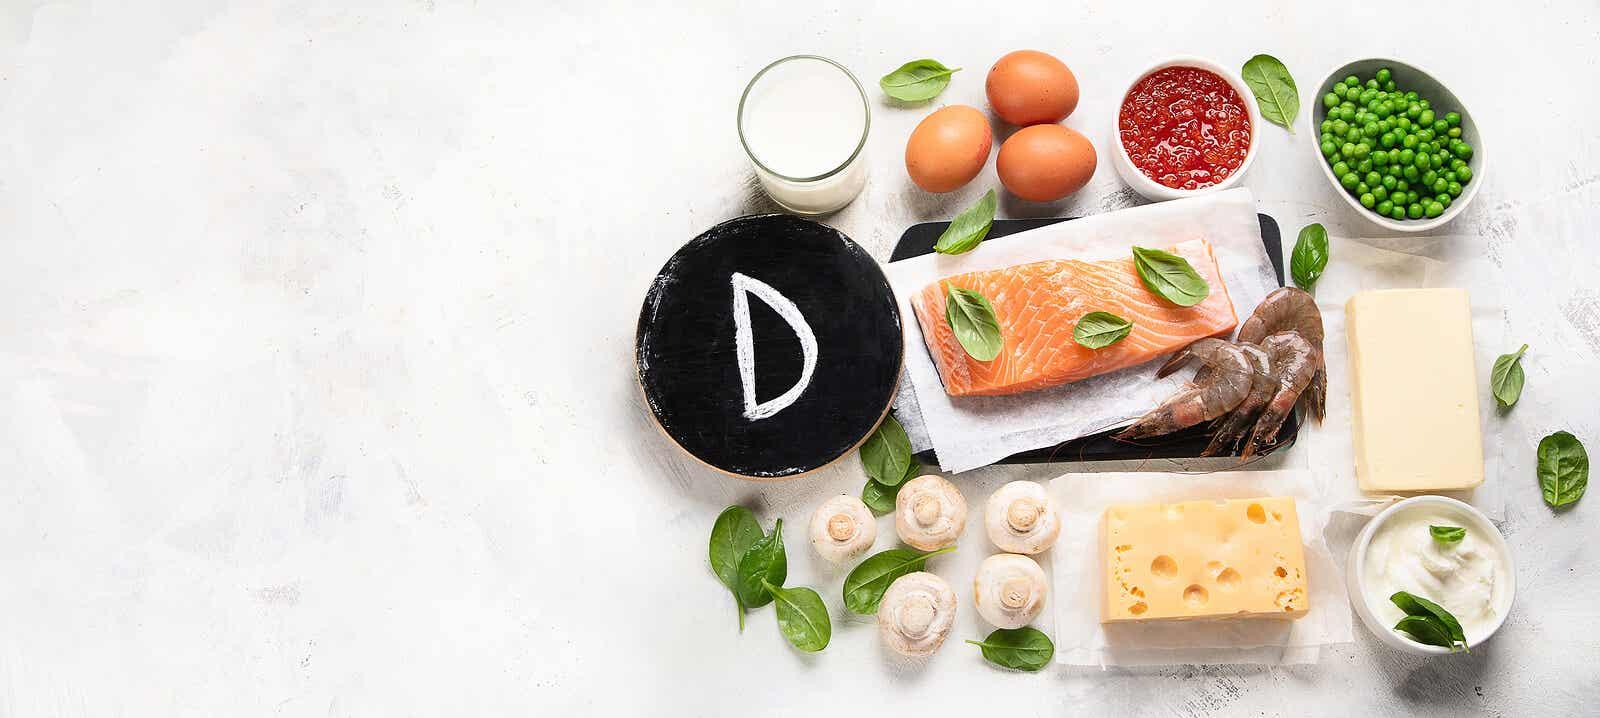 Plantaardige en dierlijke bronnen van vitamine D.